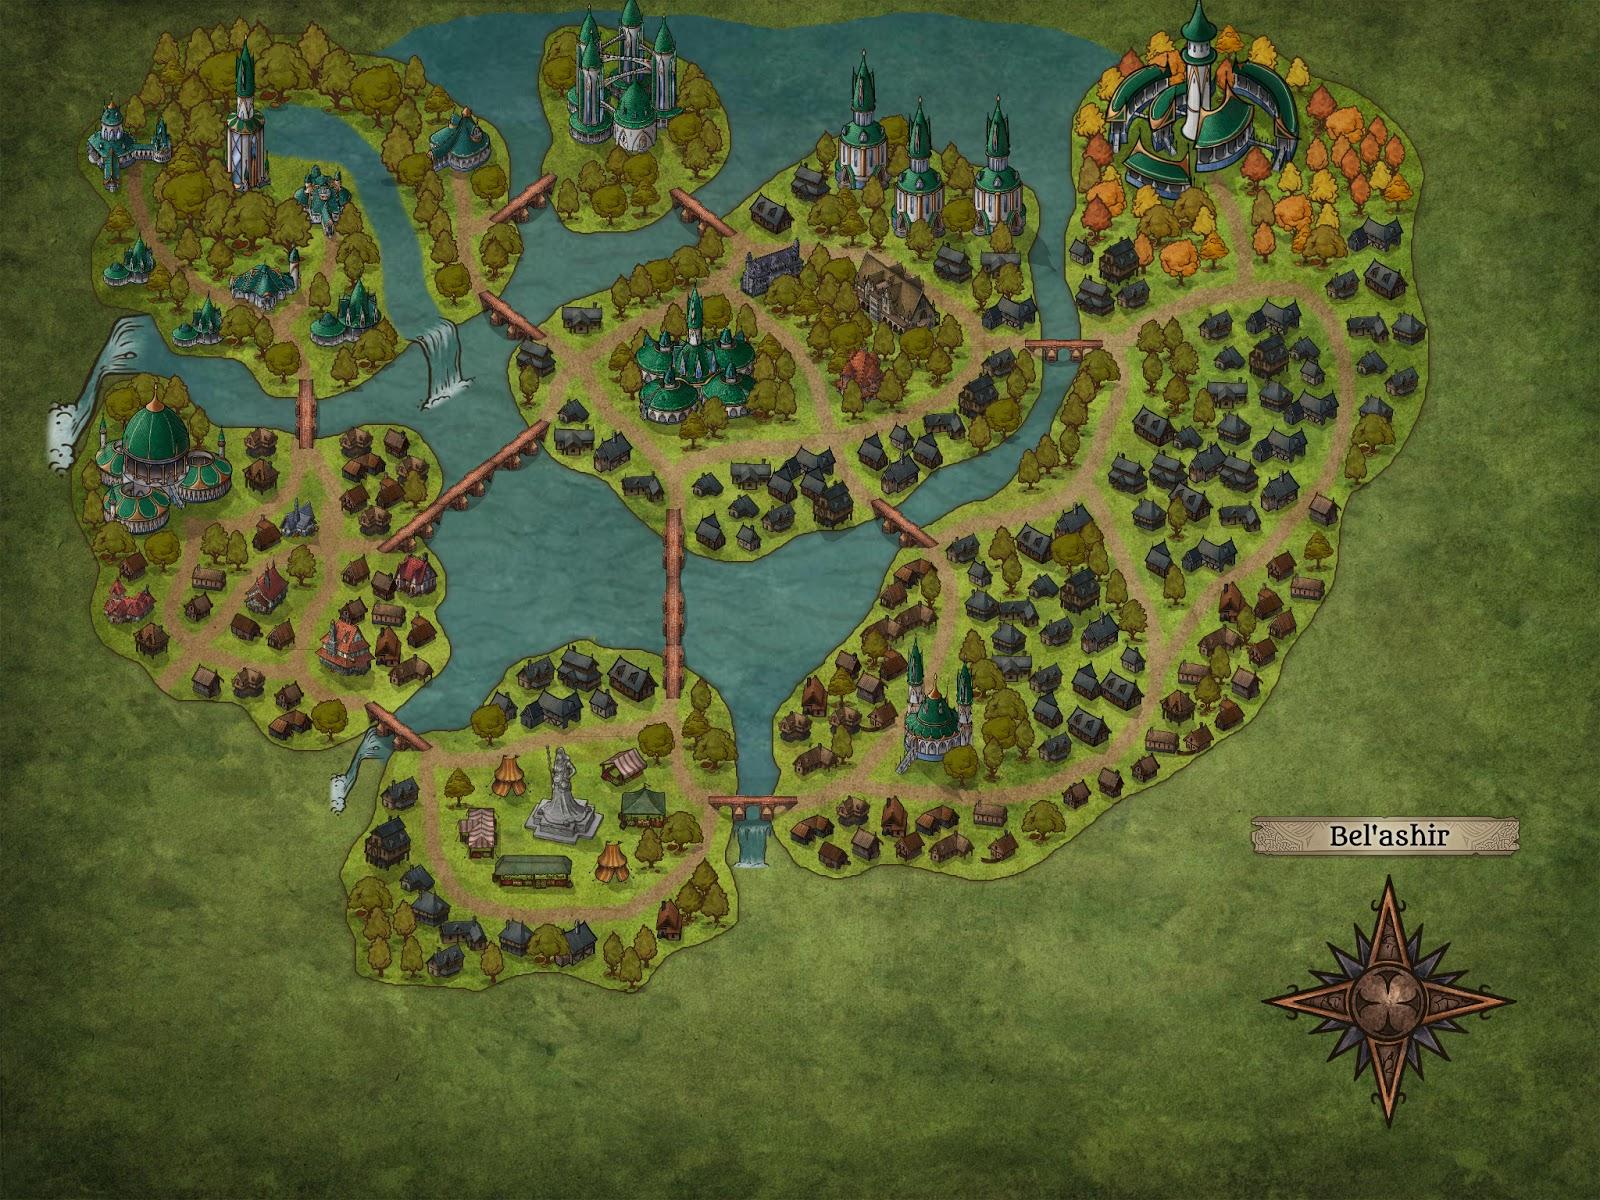 La ciudad elfa de Bel'ashir - Plano